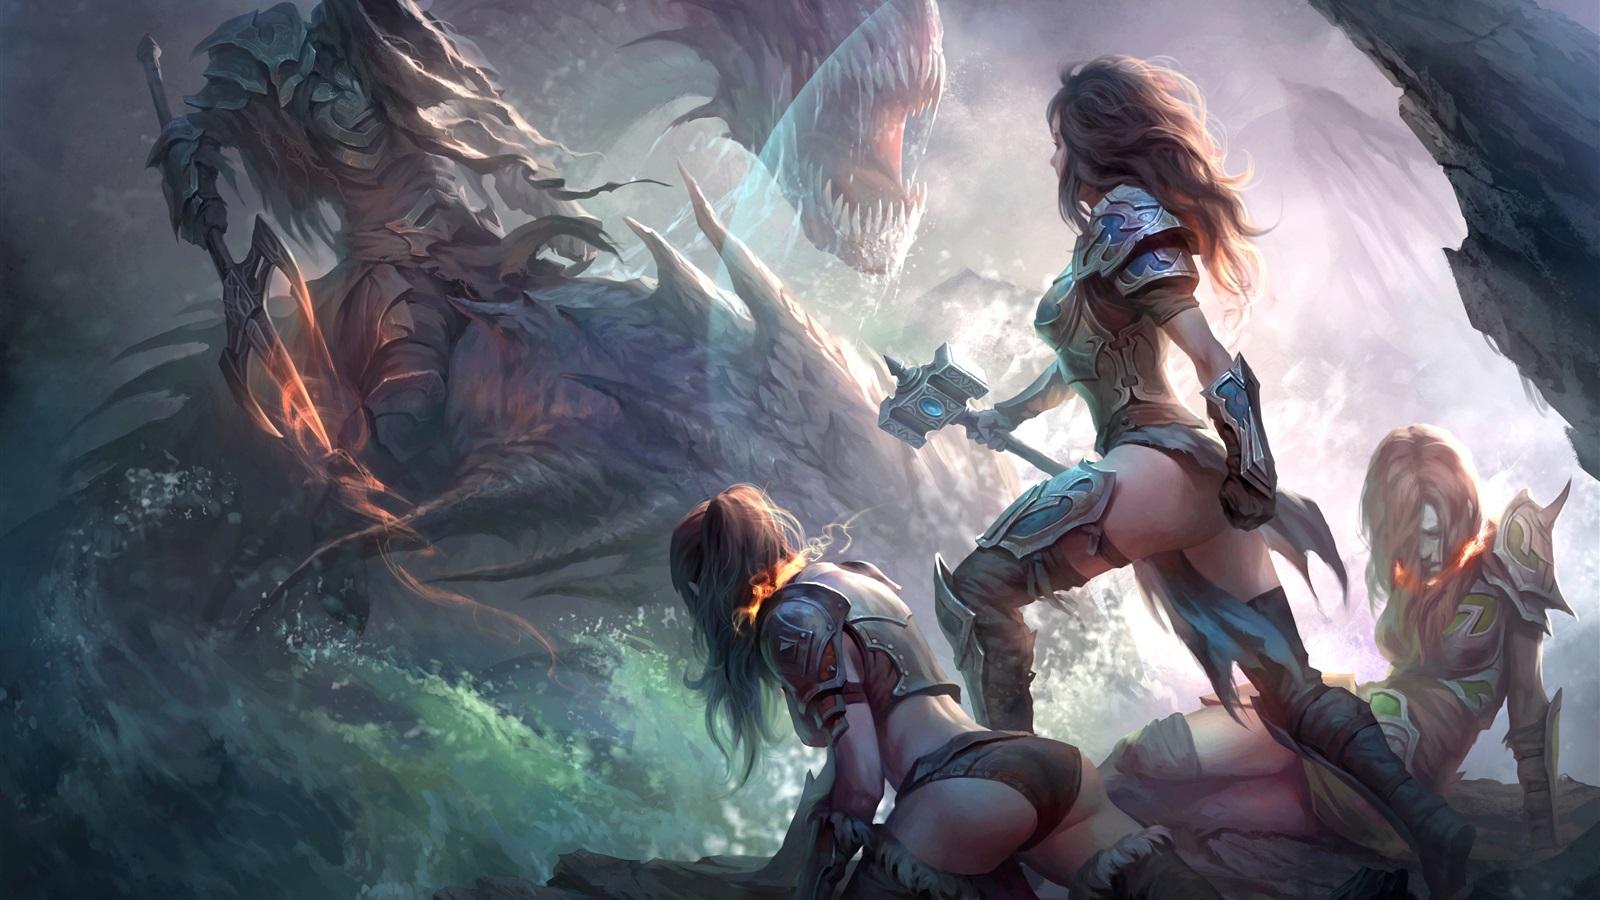 Archer Girl Fantasy 2 4k Hd Desktop Wallpaper For 4k Ultra: Wallpaper Dragons Of Eternity, Game Art Picture, Girl